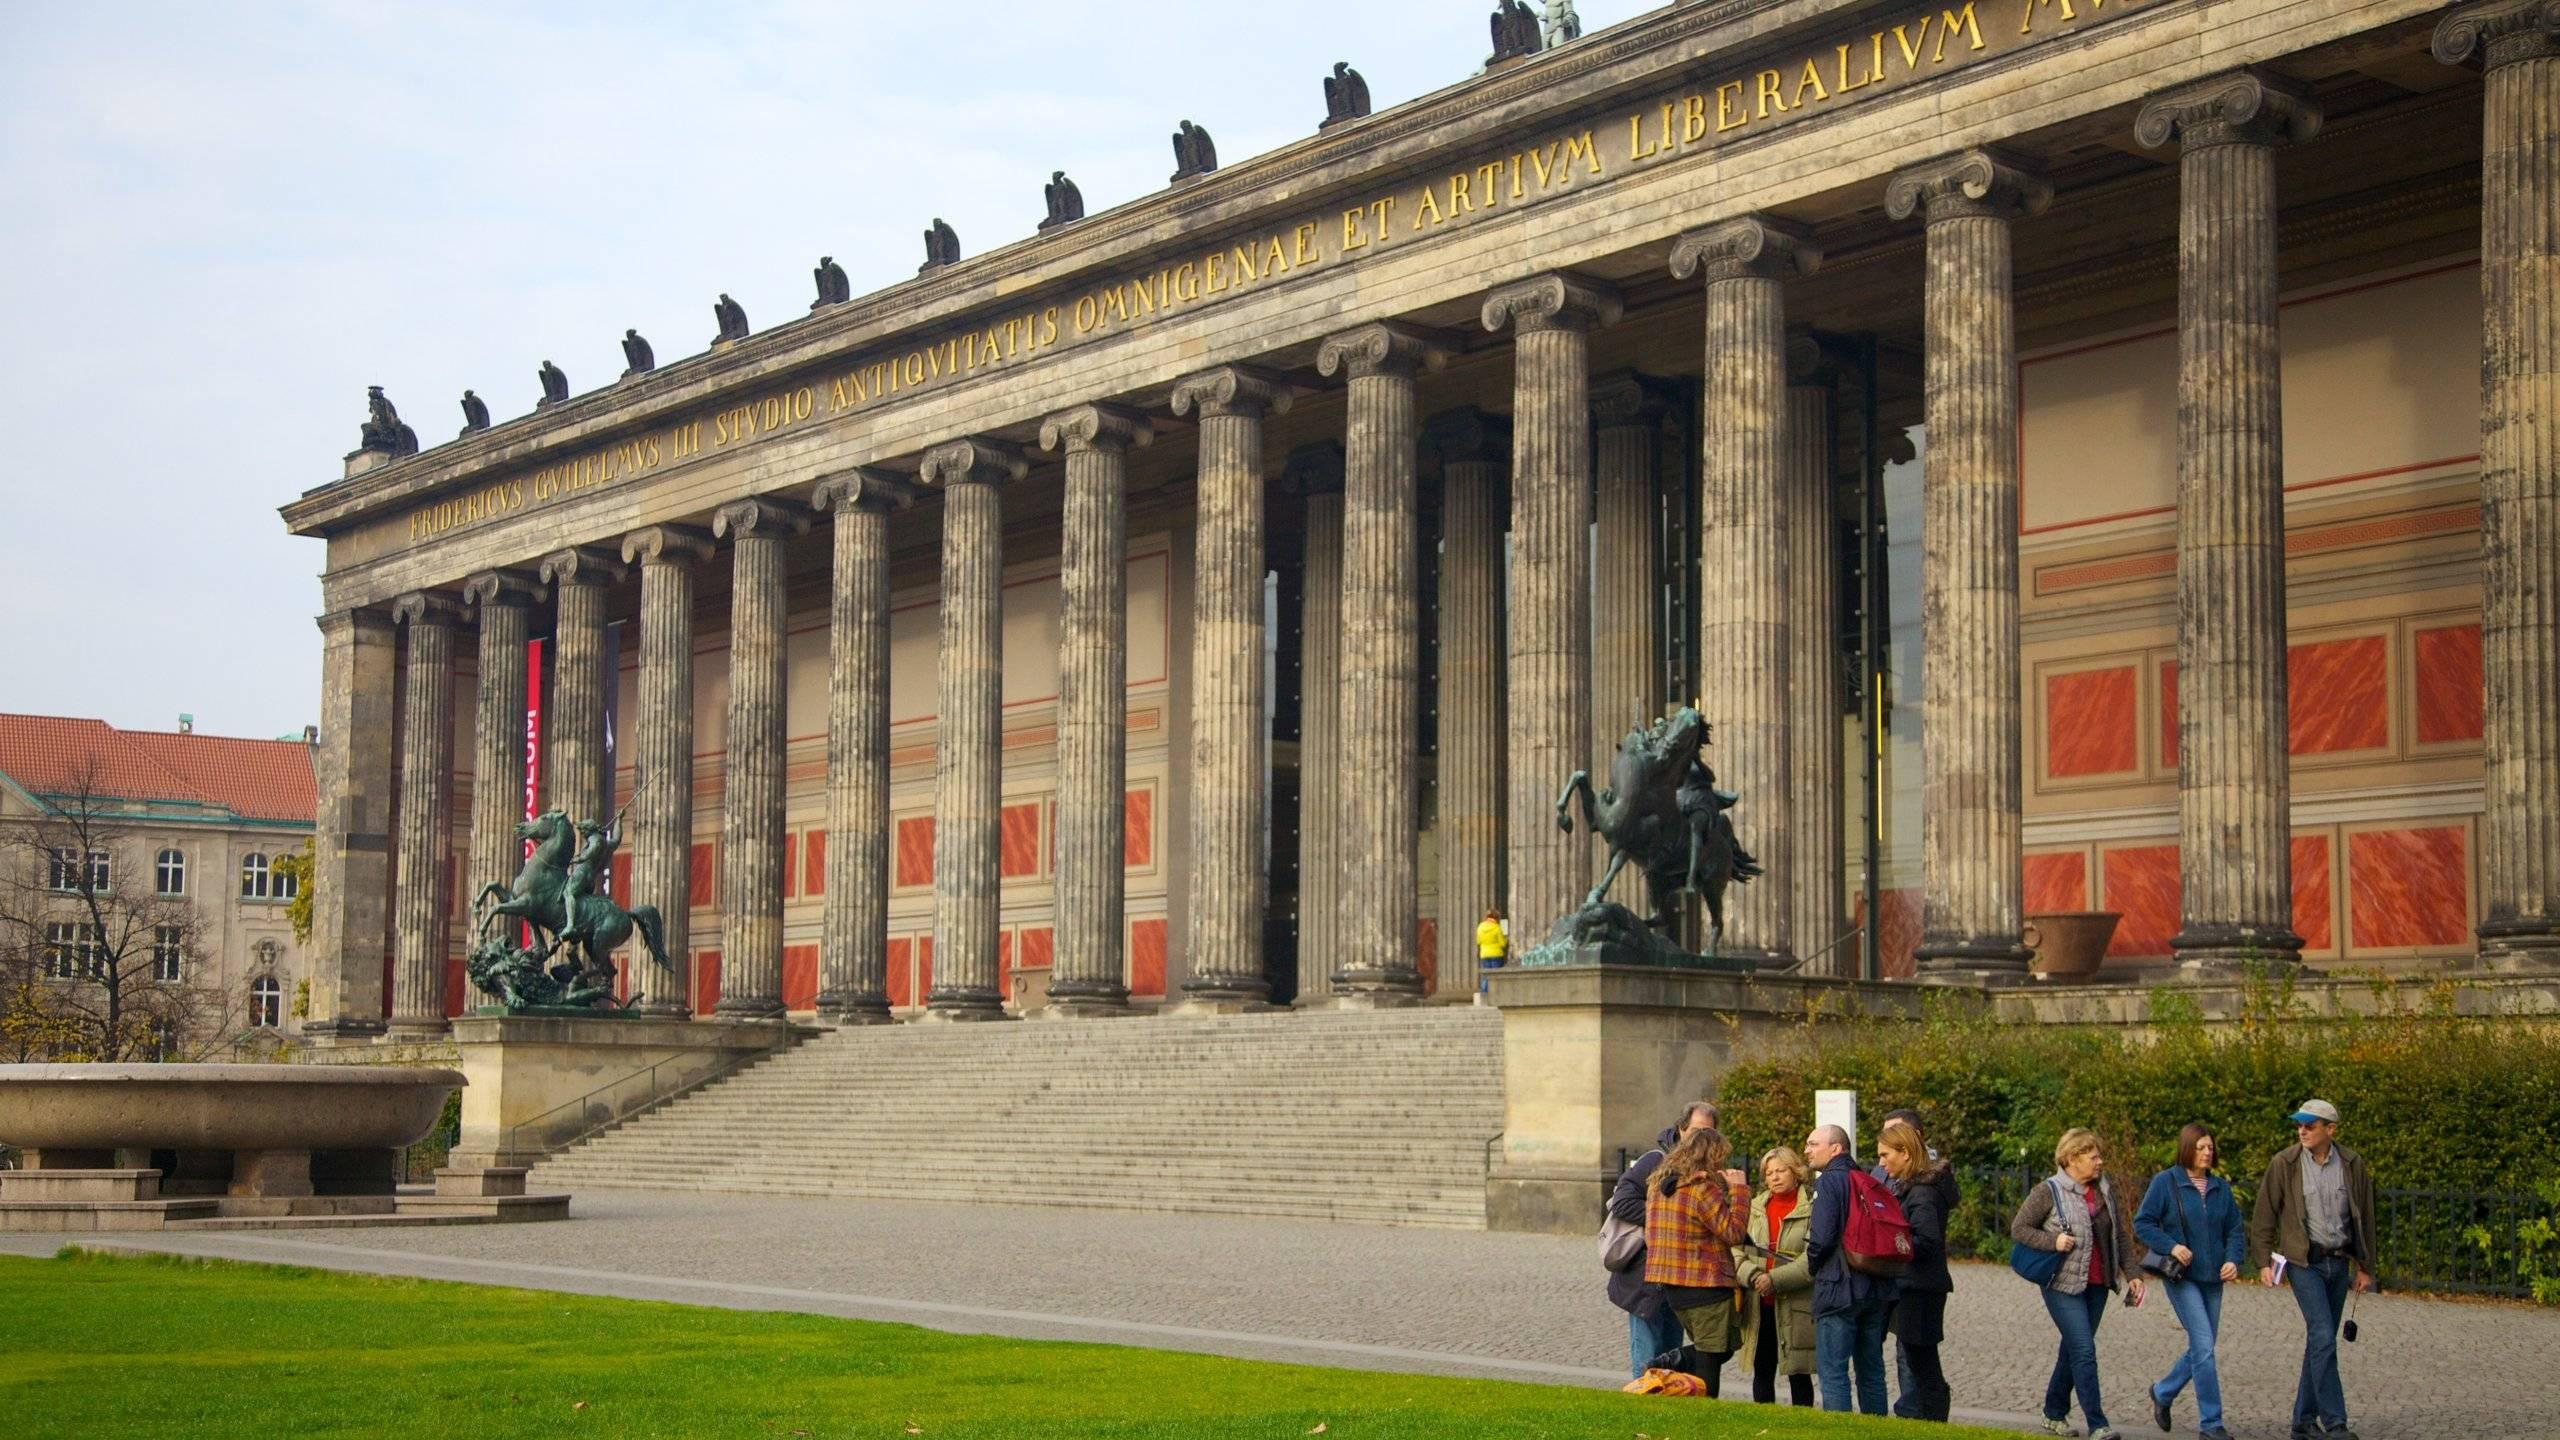 Остров музеев в берлине - всё что нужно о нём знать – так удобно!  traveltu.ru